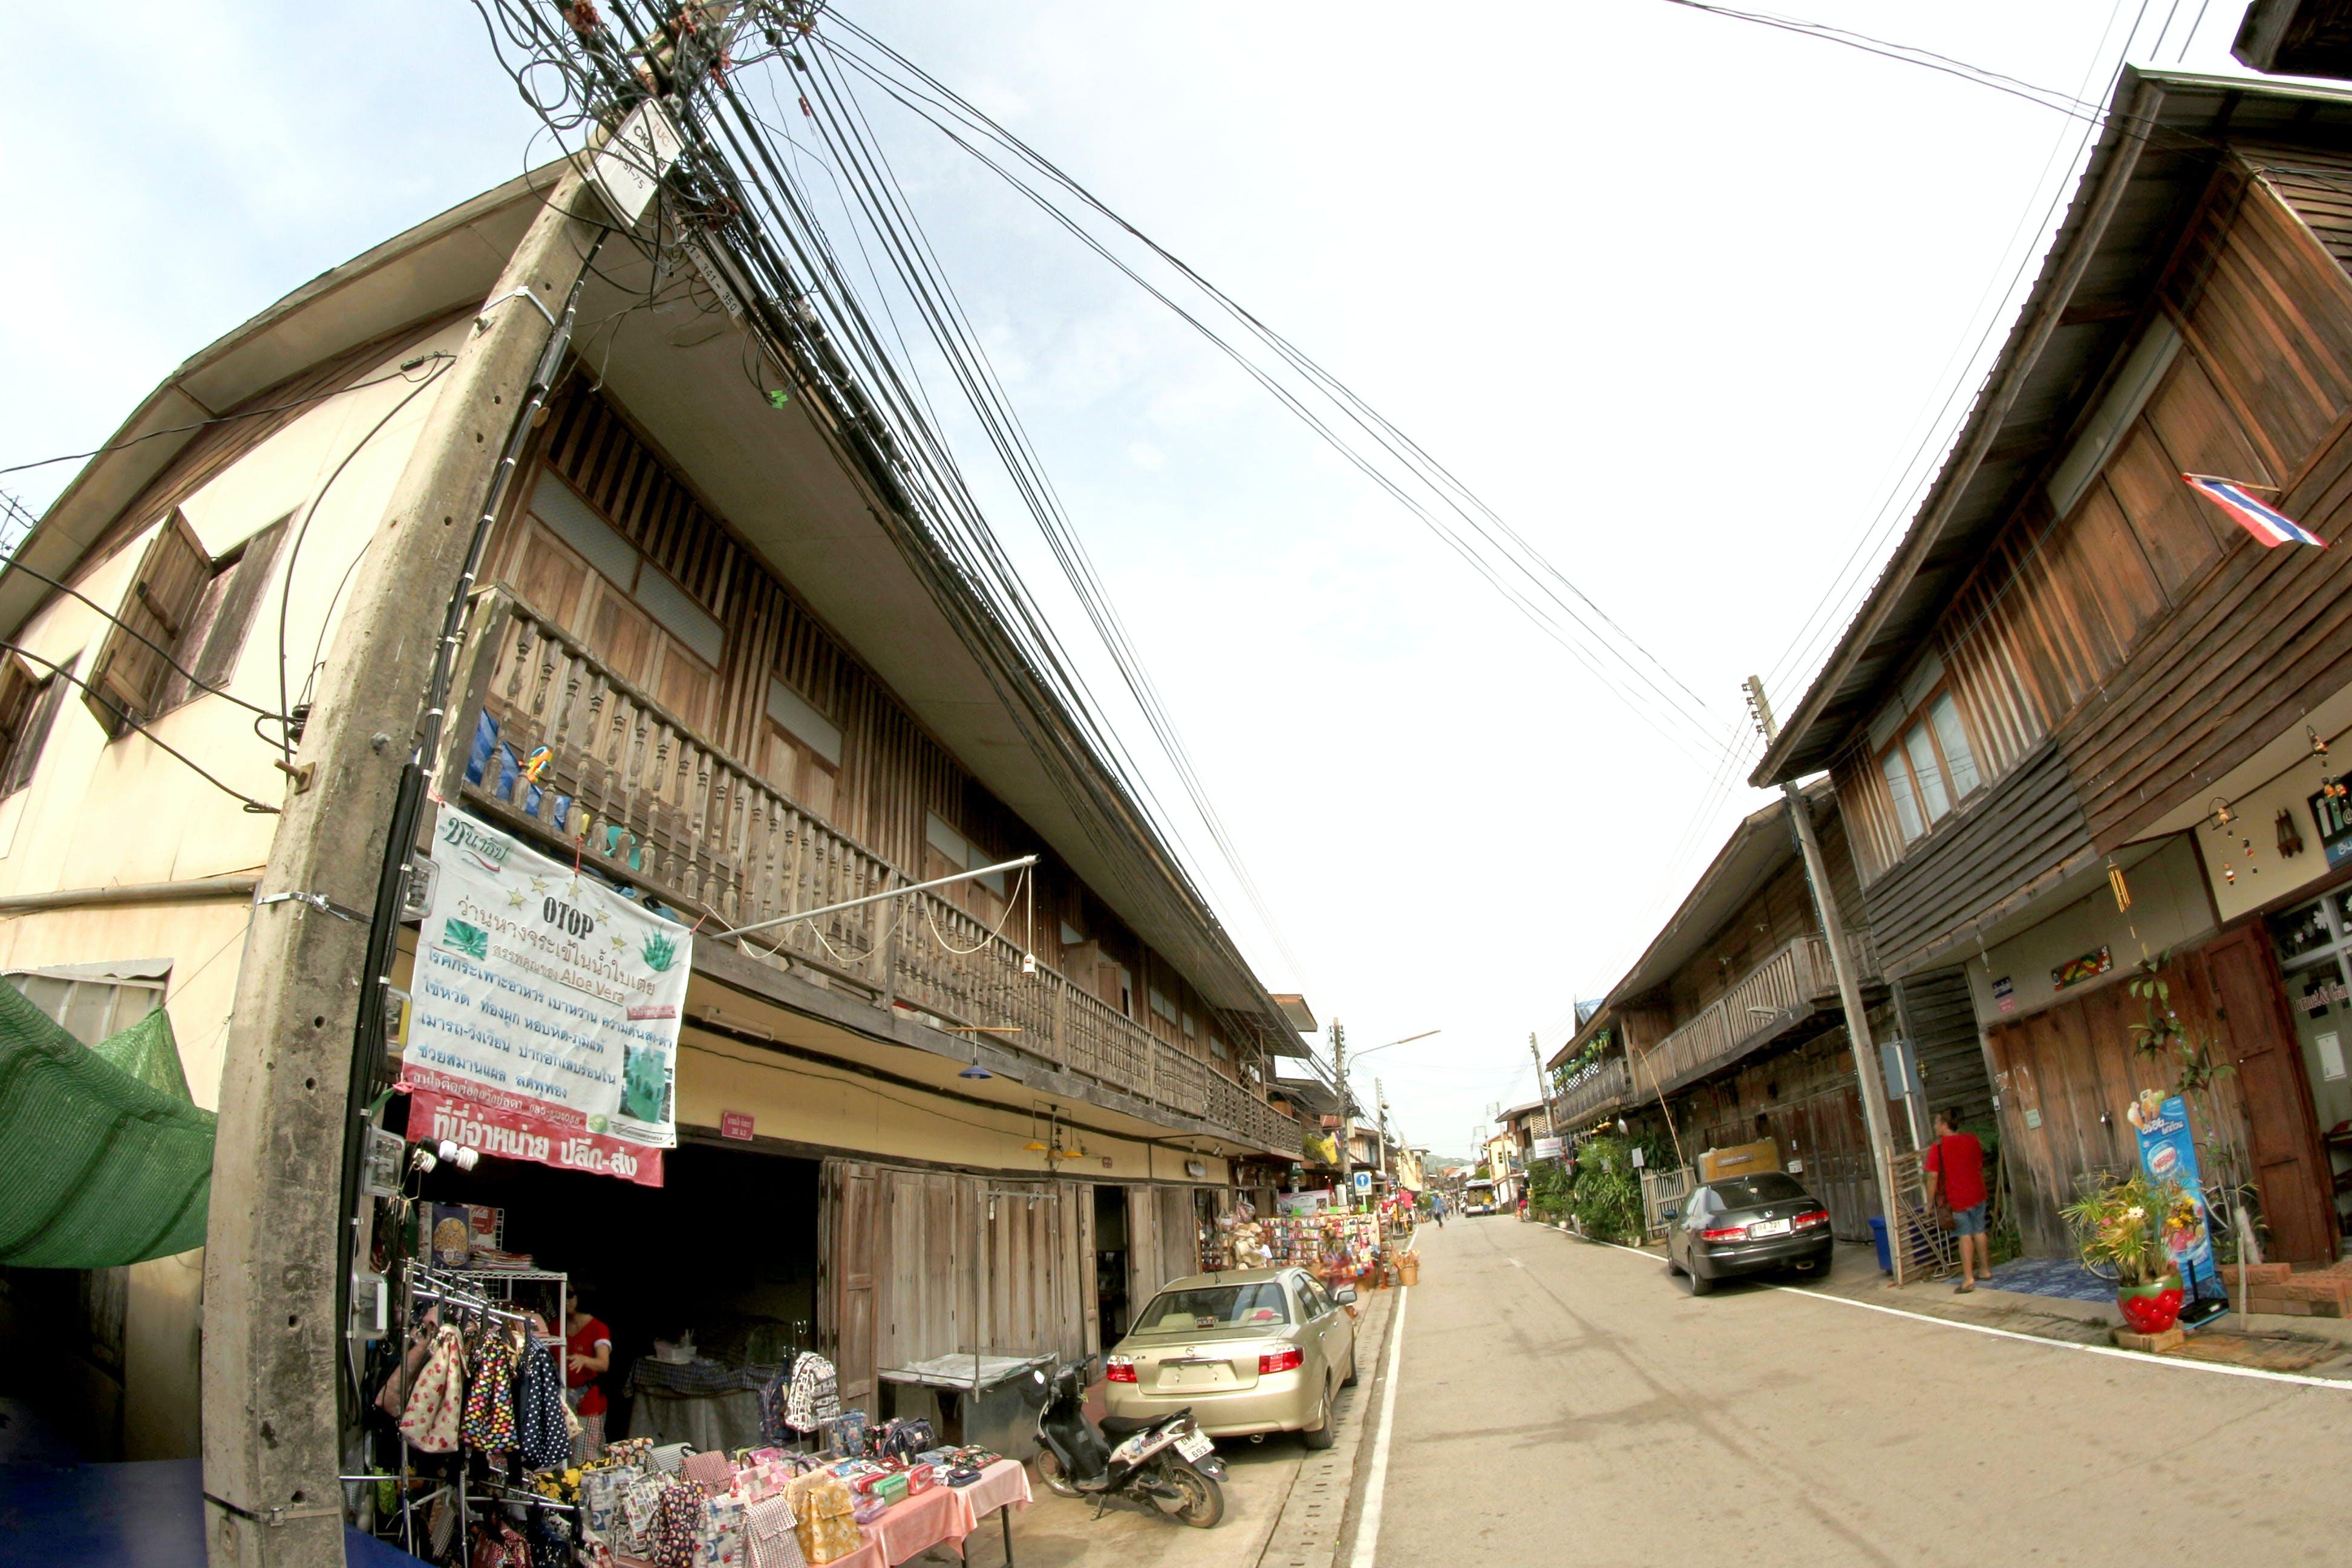 business establishment, cables, cars